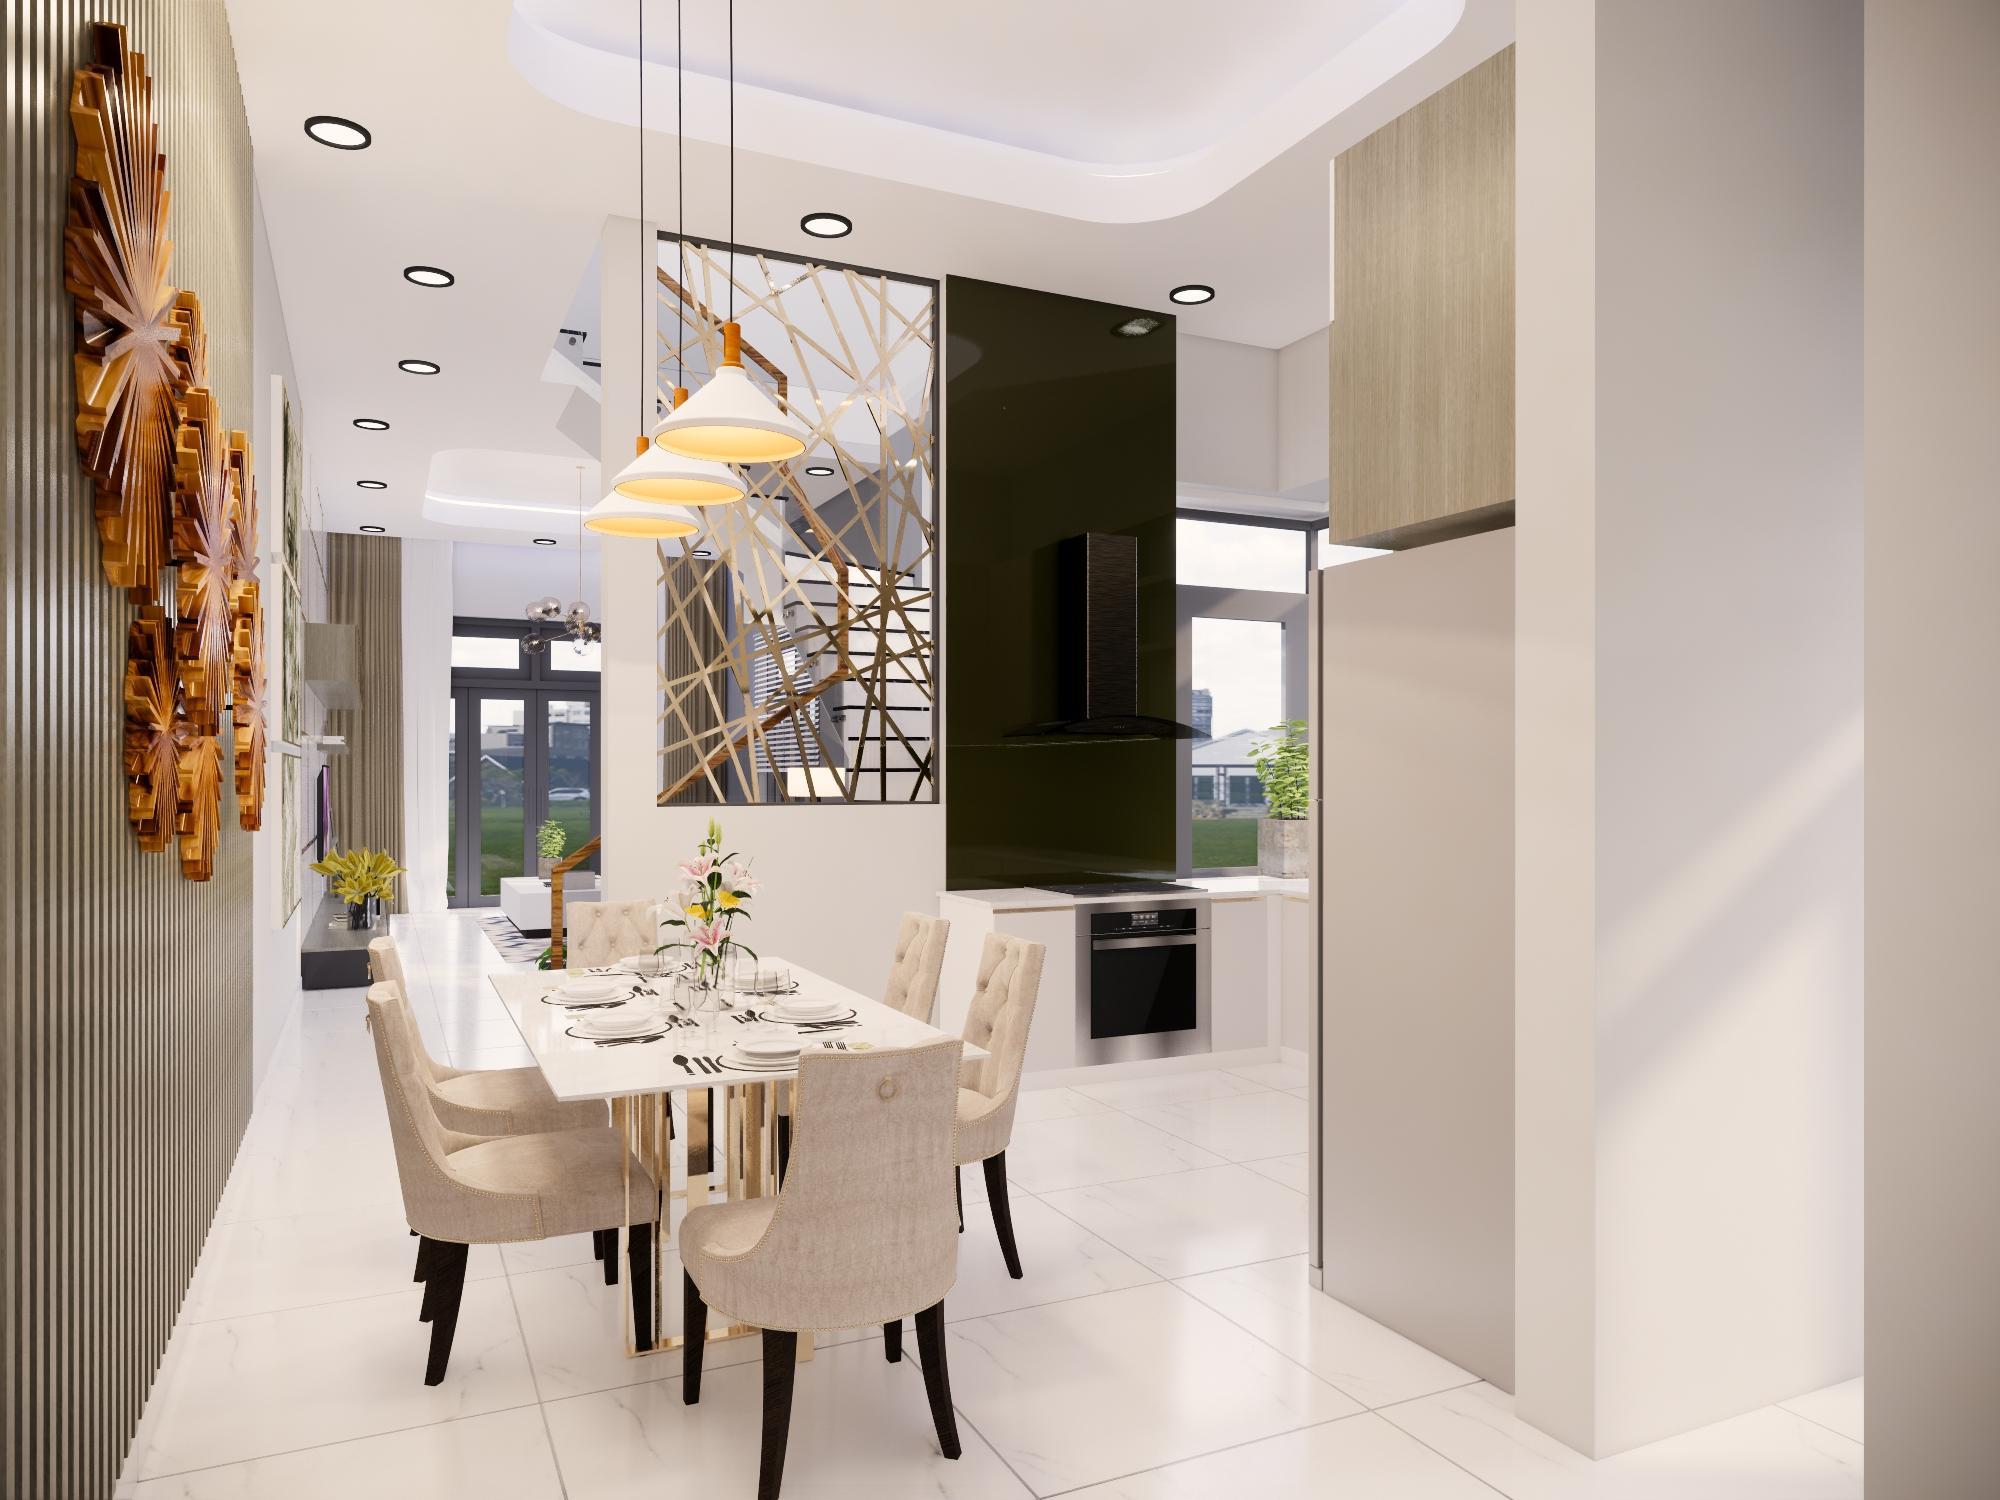 Thiết kế nội thất Nhà tại Bình Thuận NHÀ PHỐ I TRẦN THỊ PHƯƠNG LAN 1574139985 6